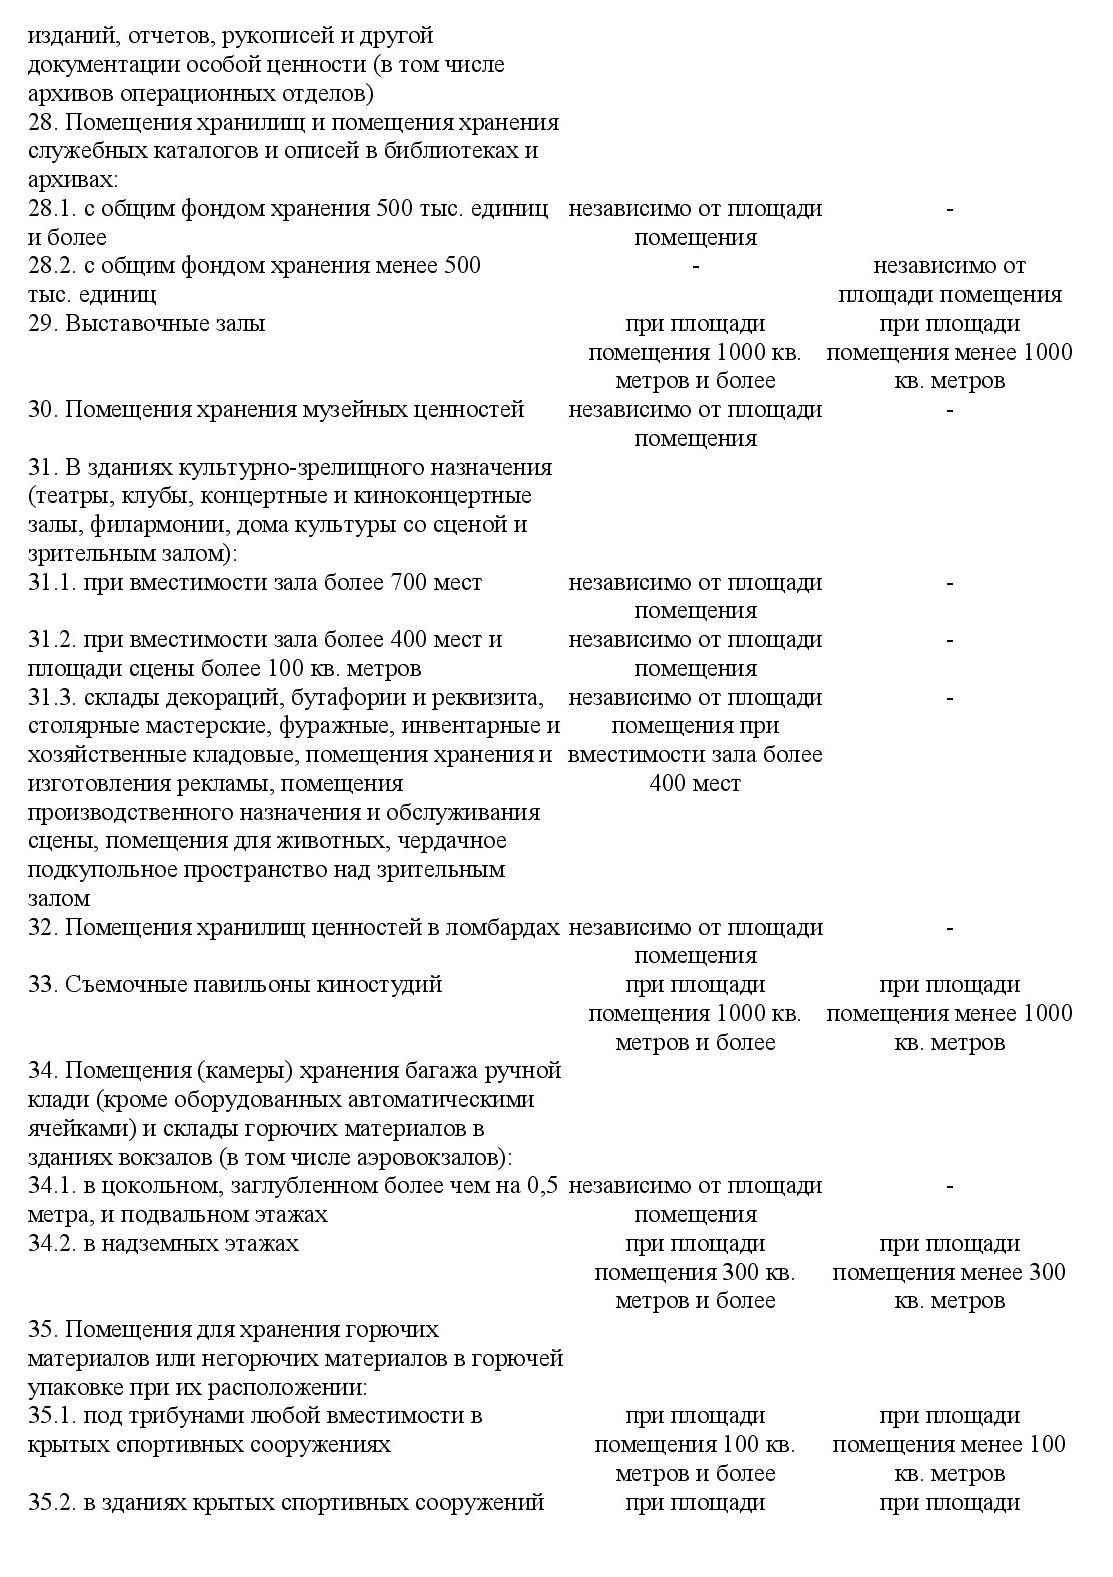 Постановление Правительства от 01.09.2021 №1464 9